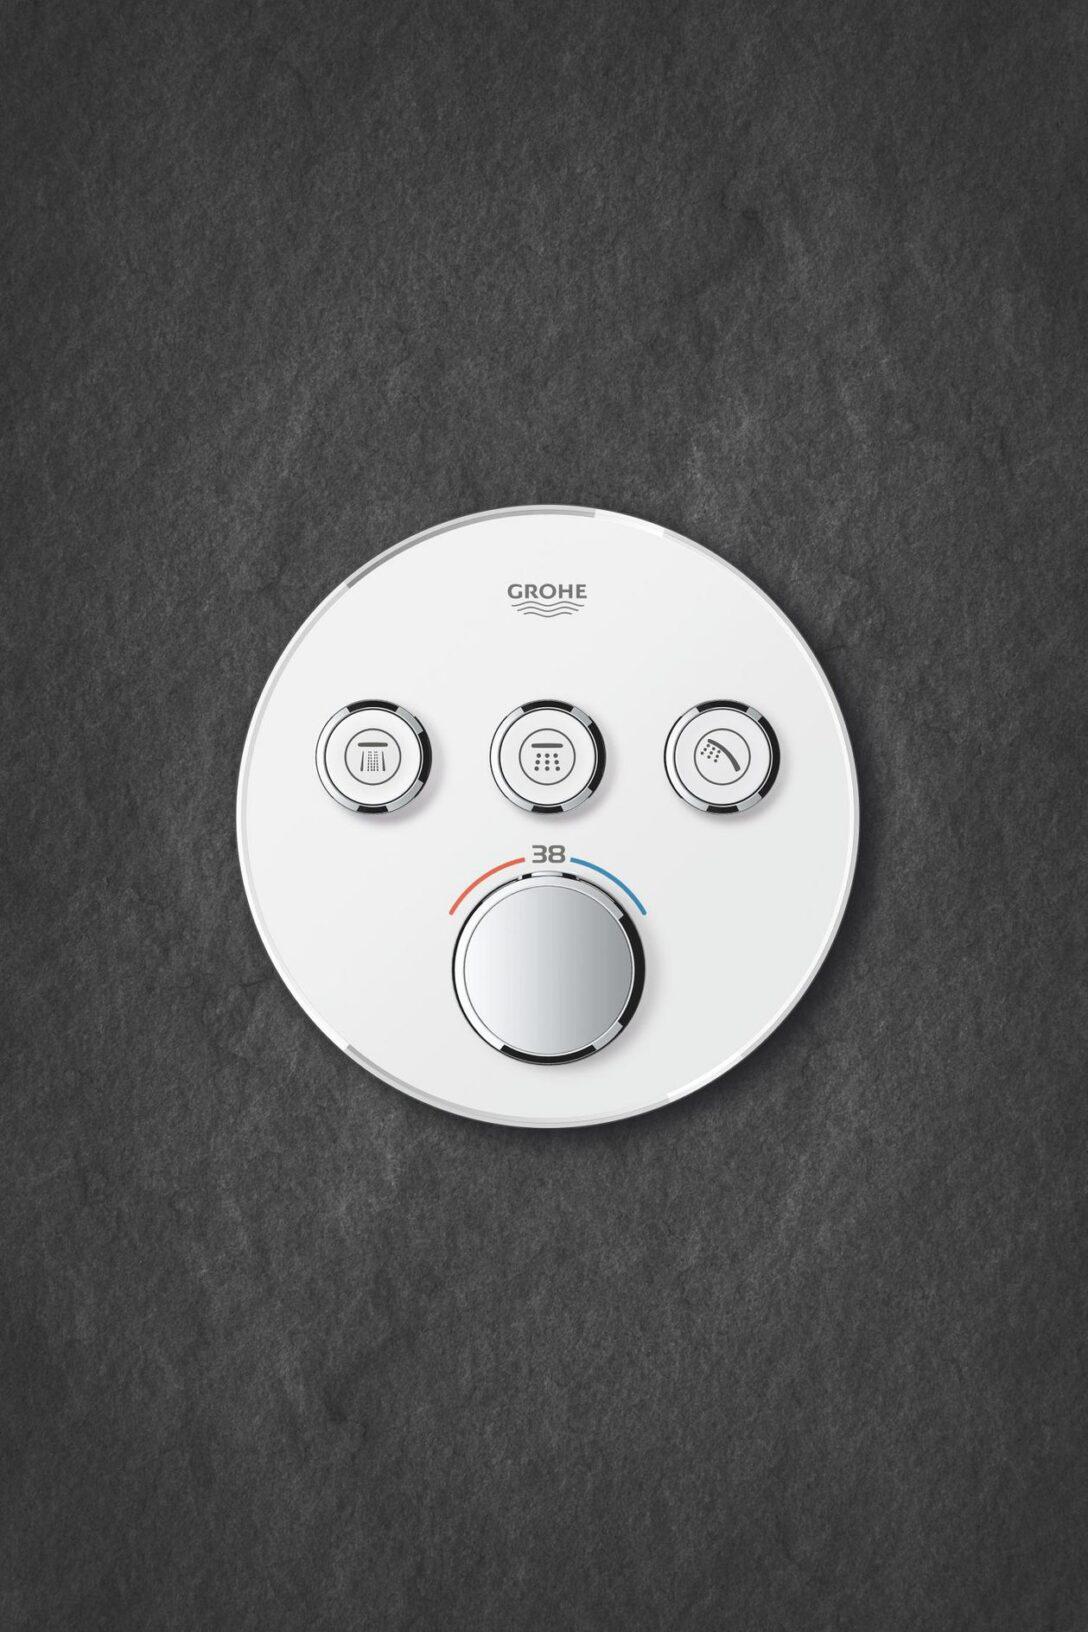 Large Size of Grohe Thermostat Dusche Grohtherm Smartcontrol 43 Mm Pendeltür Bodenebene Mischbatterie Hüppe Bodengleiche Duschen Fliesen Badewanne Mit Tür Und Walk In Dusche Grohe Thermostat Dusche